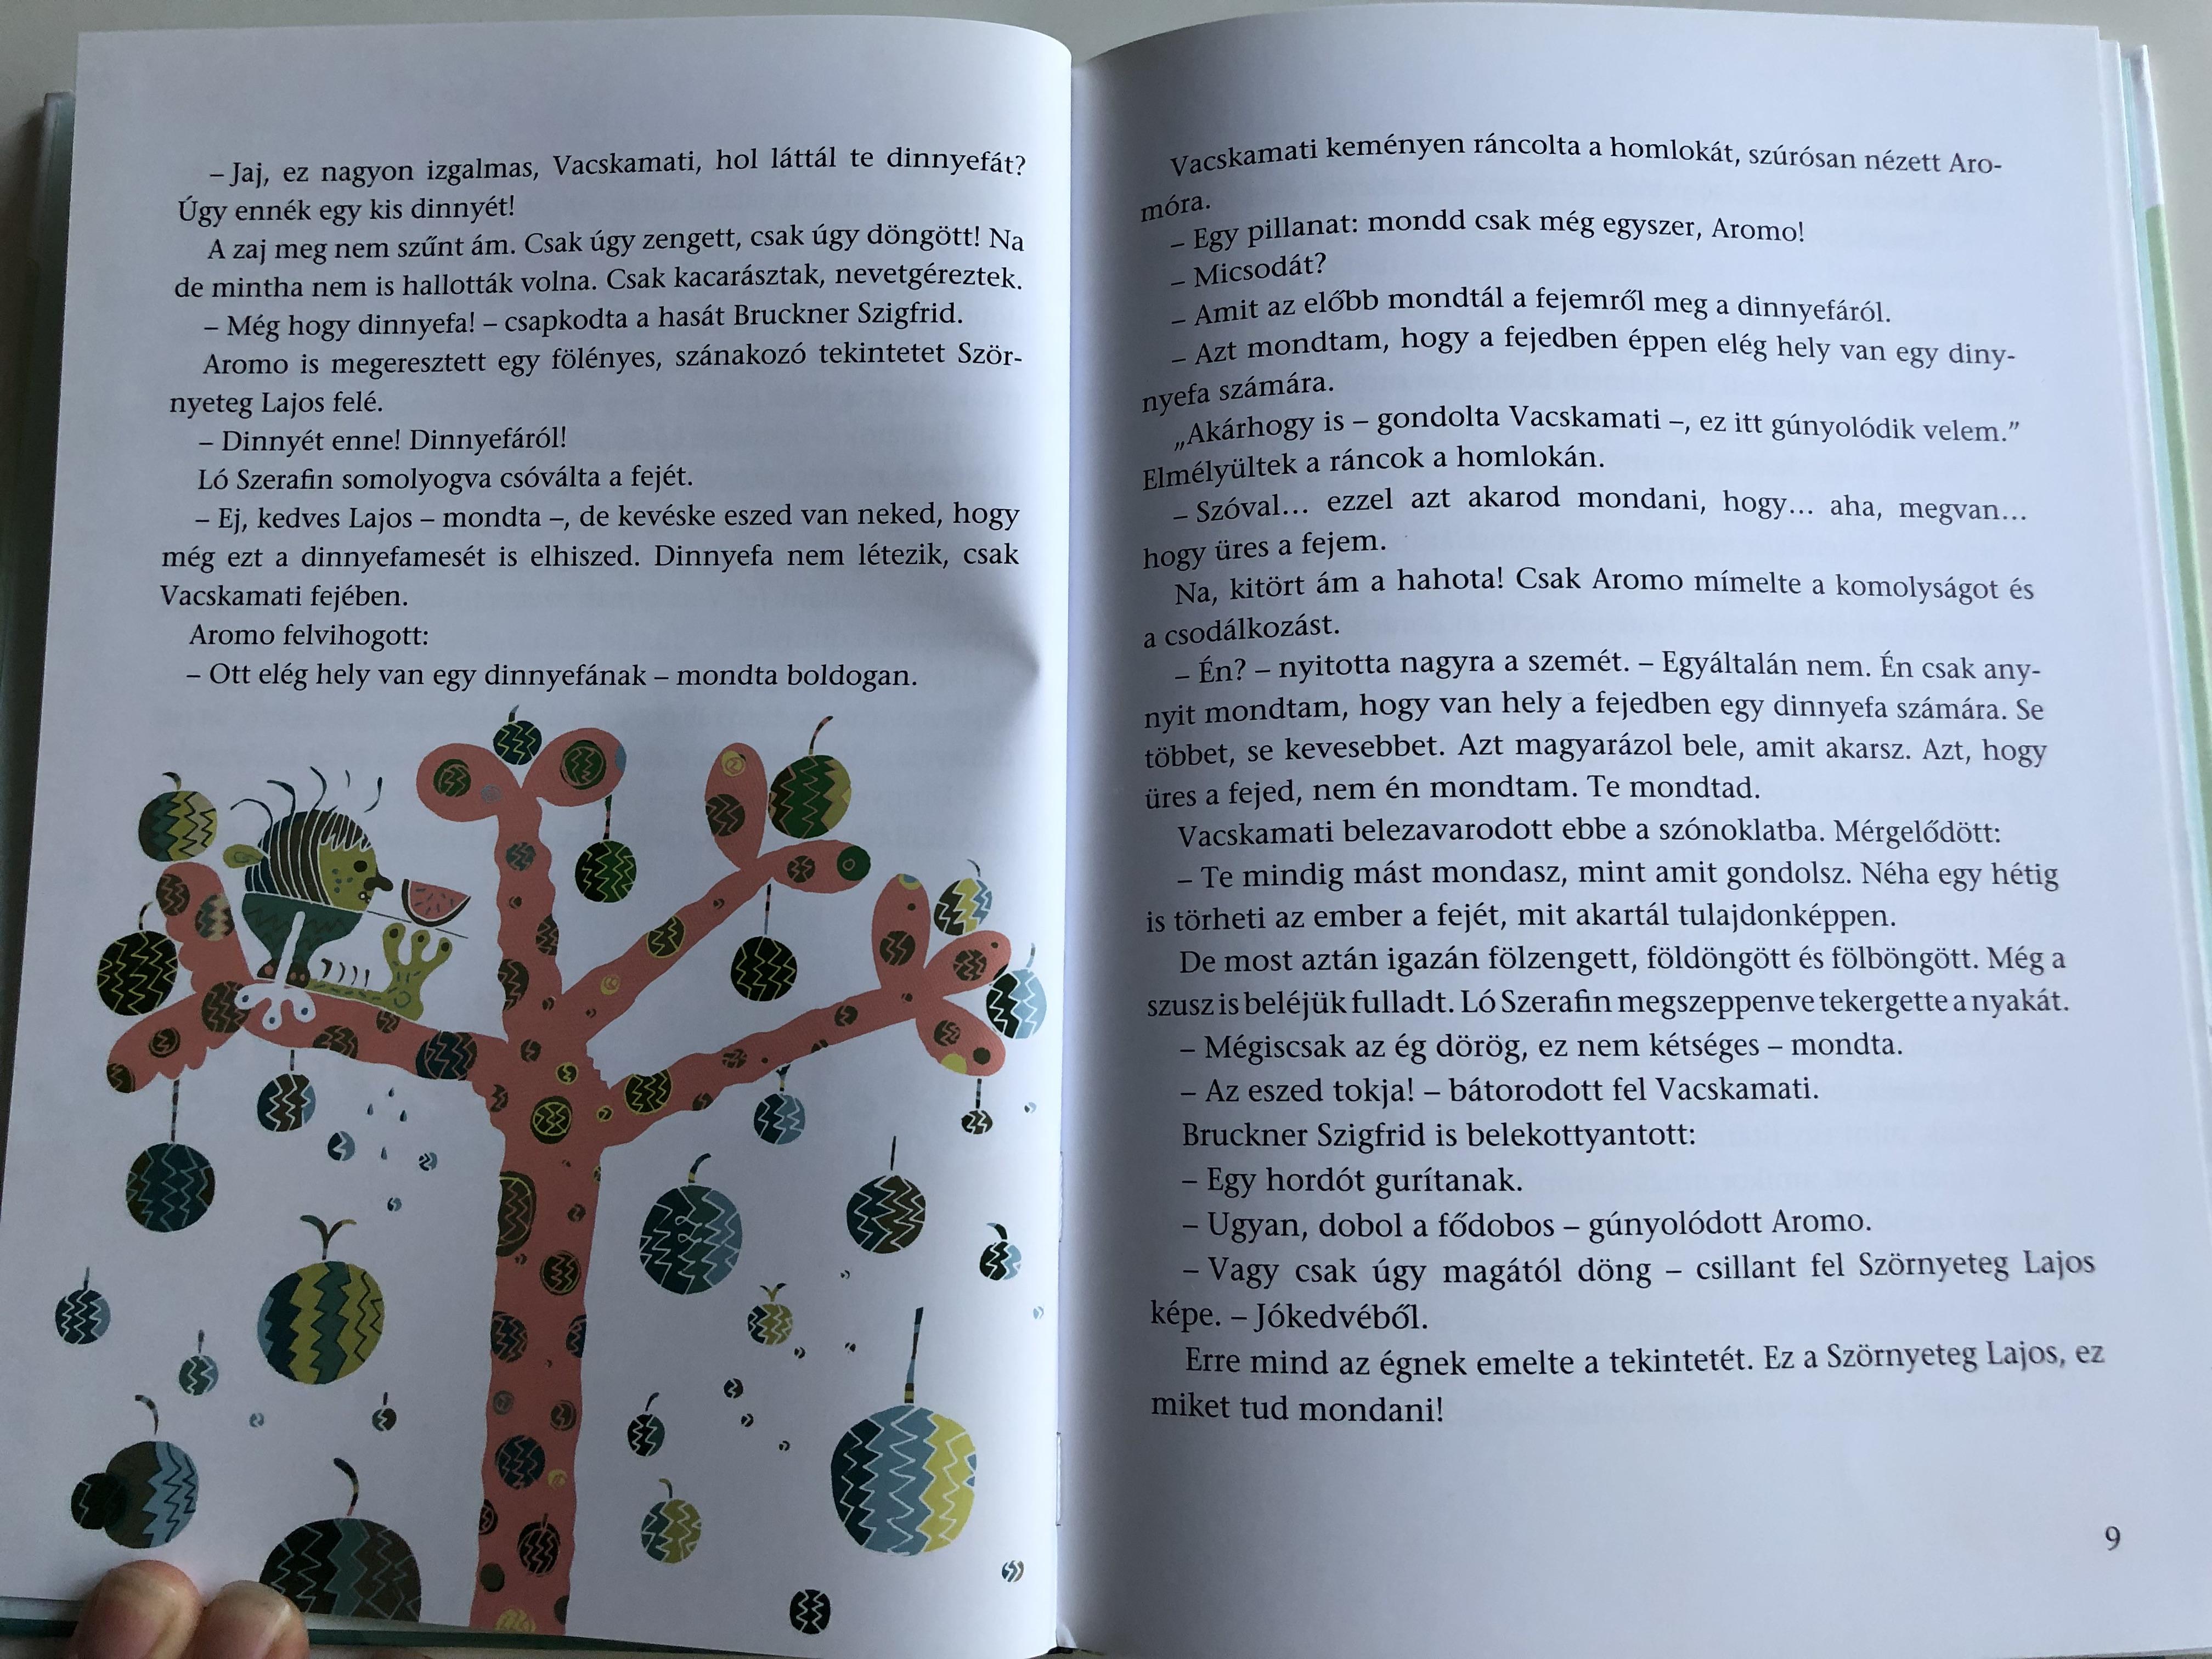 gyere-haza-mikkamakka-by-l-z-r-ervin-a-n-gysz-glet-kerek-erd-illustrated-by-buzay-istv-n-m-ra-k-nyvkiad-2013-4-.jpg